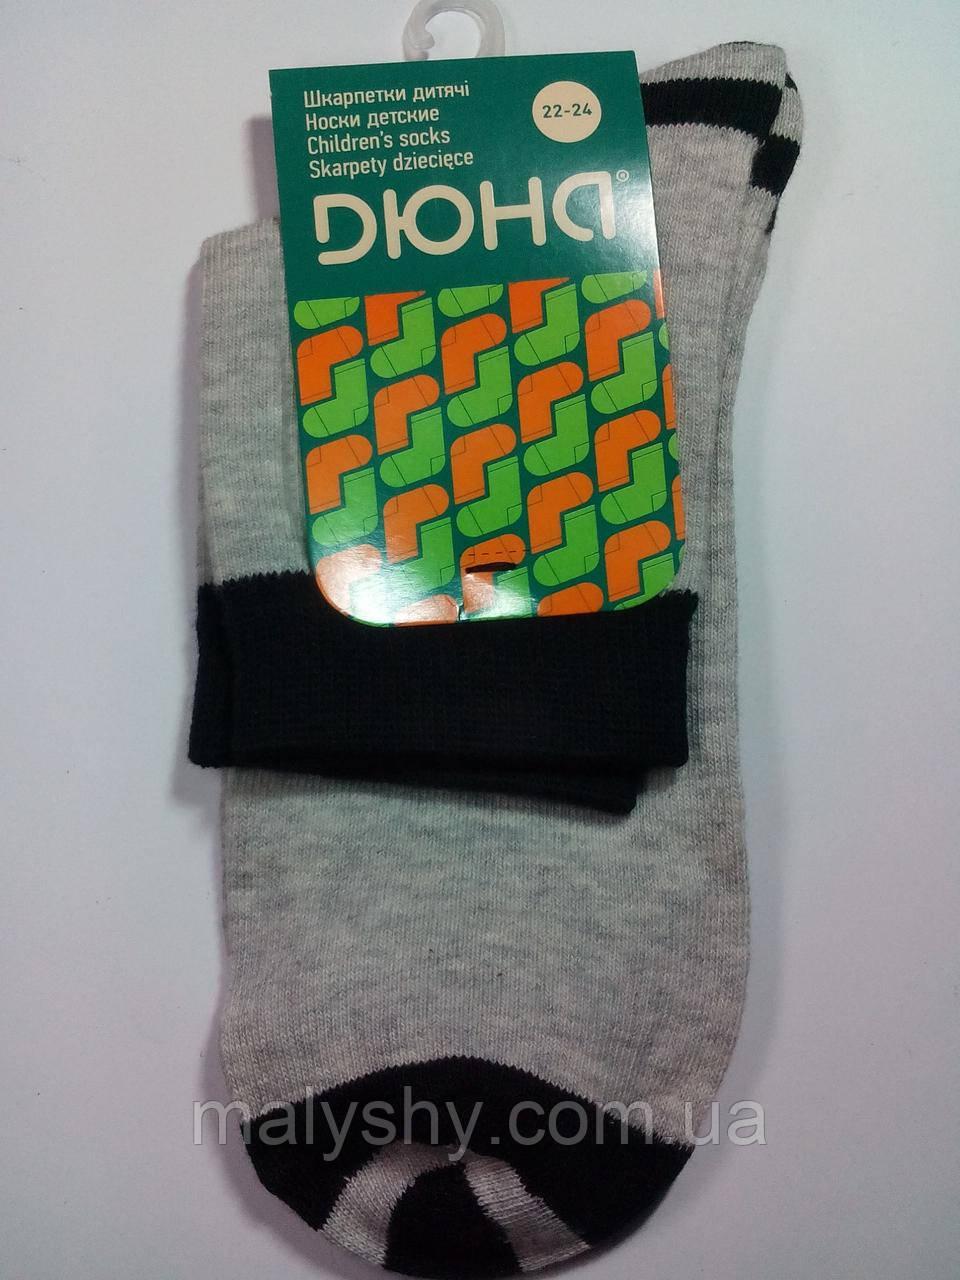 Детские носки демисезонные - Дюна р.22-24 (шкарпетки дитячі) 403-1435-светло-серый